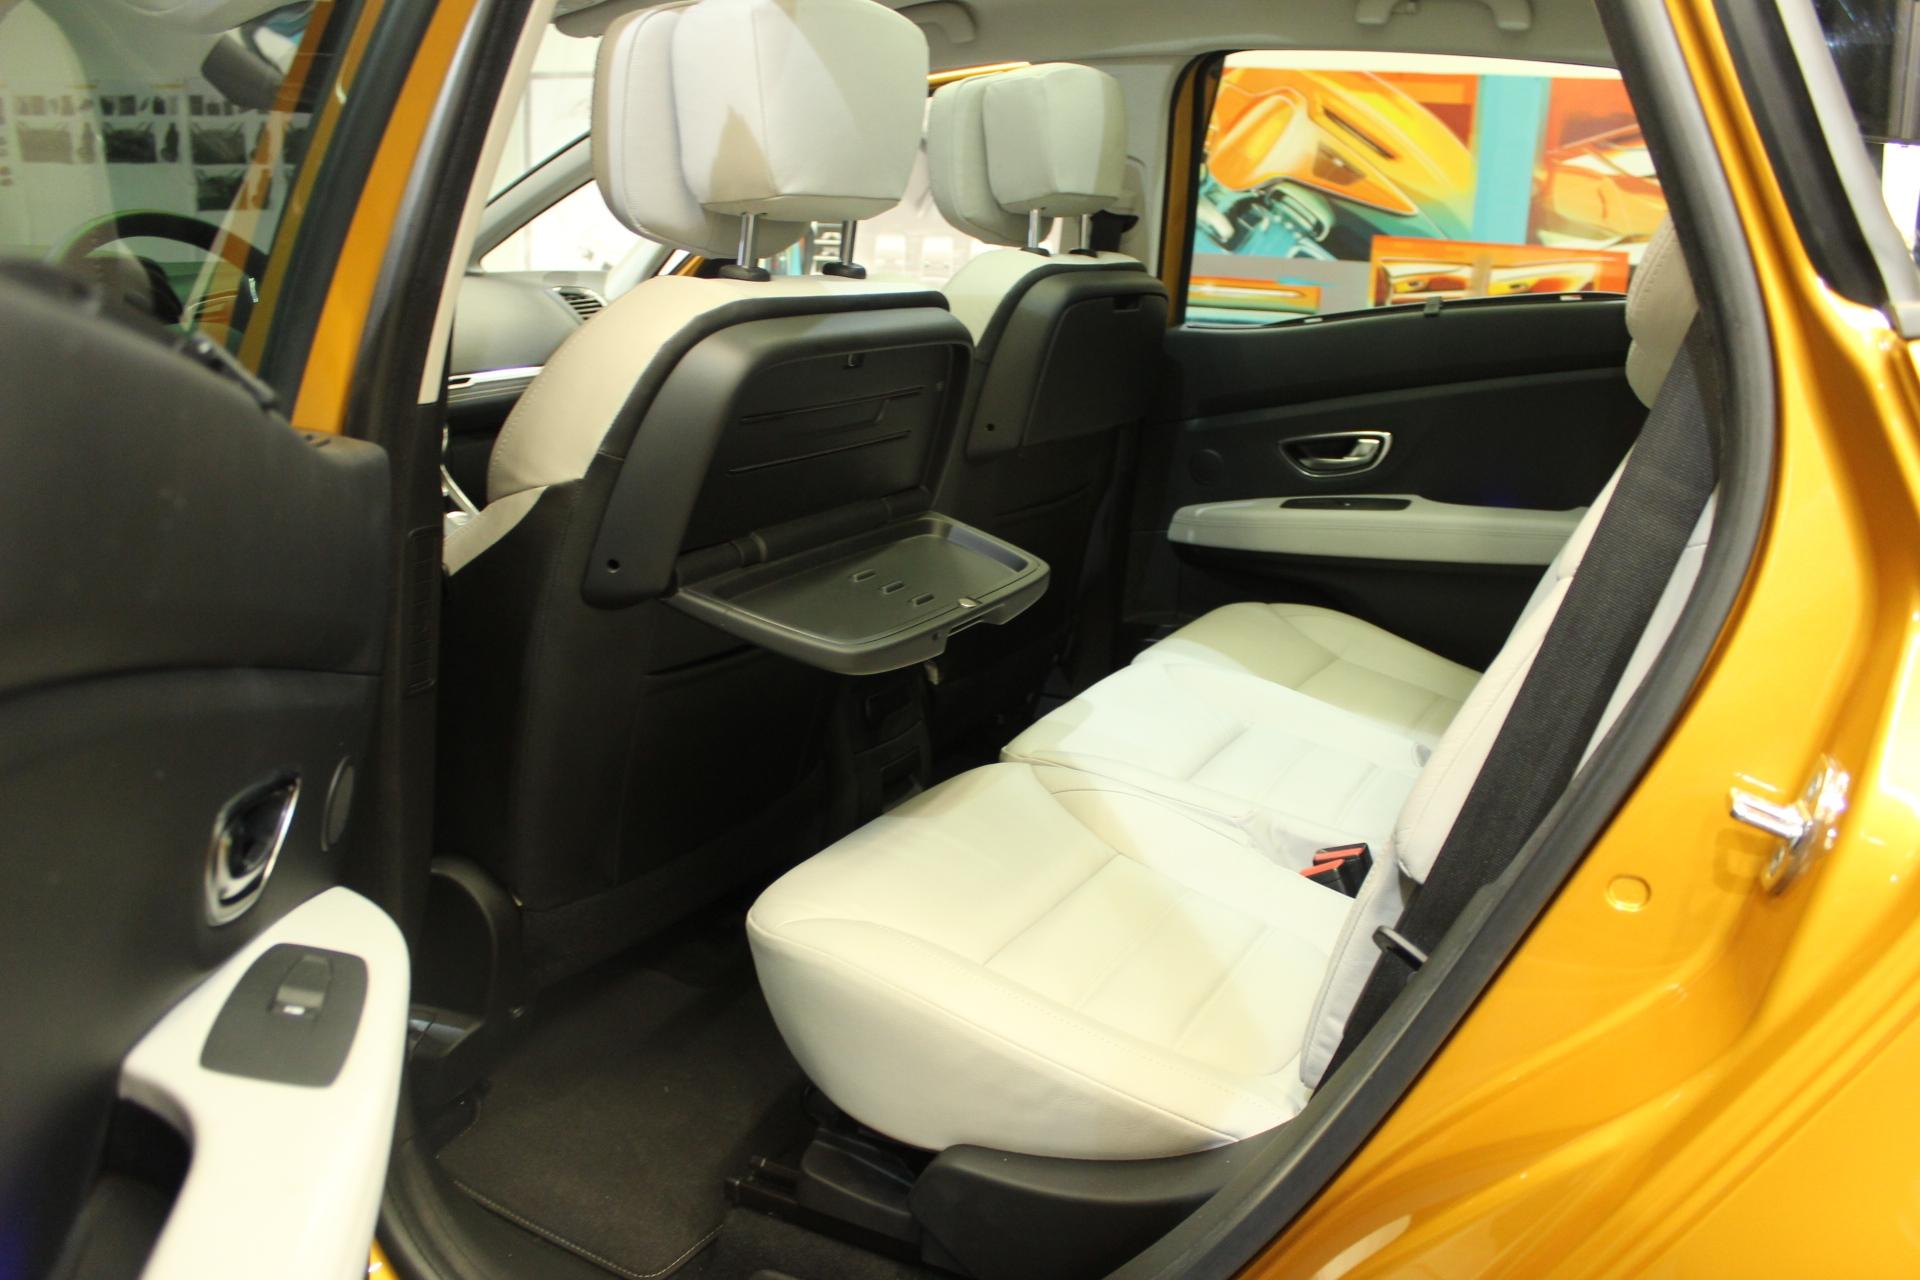 Vid o exclusive nouveau renault sc nic tous ses for Renault 9 interieur